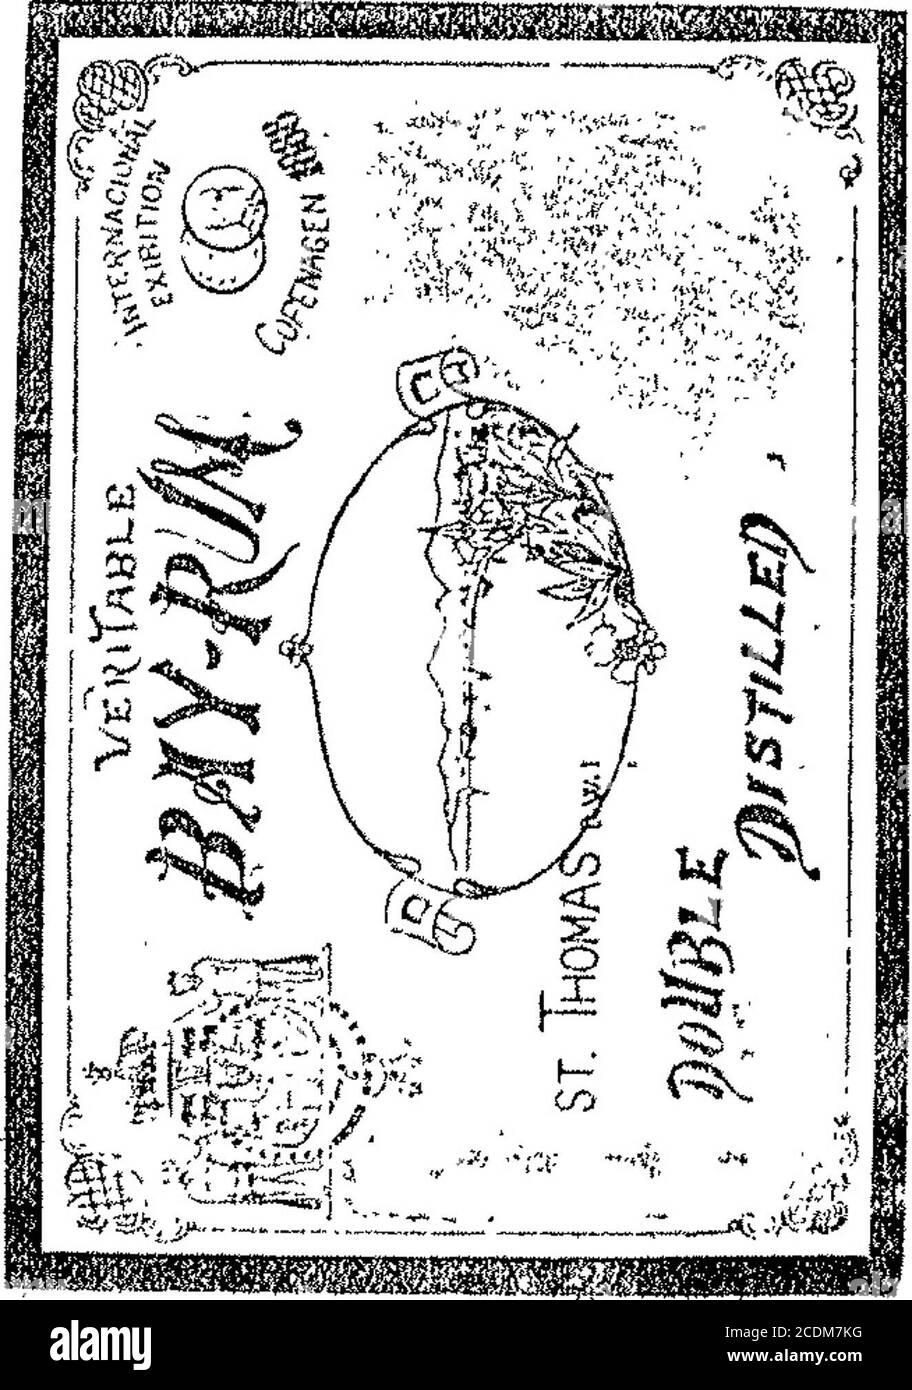 . Boletín Oficial de la República Argentina. 1910 1ra sección . Septiembre 26 de 1910.—Luis Delpino.—Especias y condimentos cu general, cla-se 64. v-3 Octubre. Acta N. 29.385. Abril 15 de 1910.—Ernesto* Di Daja yCo.—Artículos de las piases 58 y 79 (mo-dificada). v-3 Octubre. Acta N. ,10.979 Stock Photo